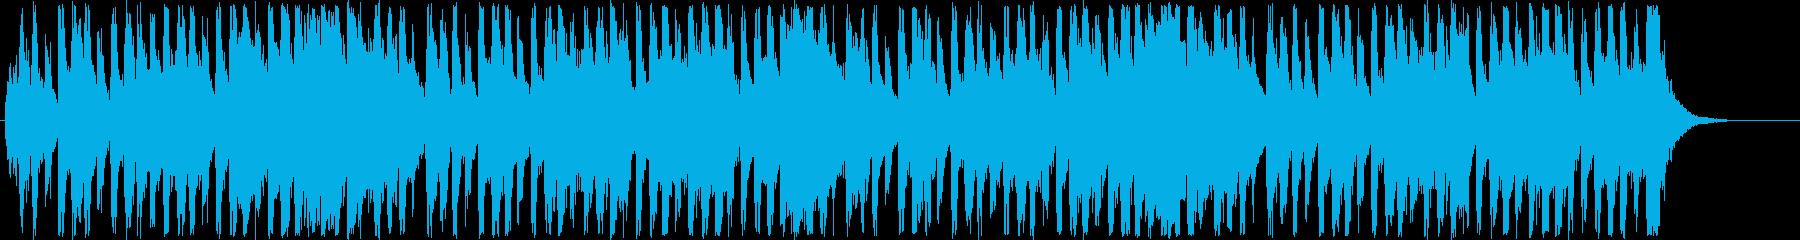 明るいメルヘン調のポップミュージックの再生済みの波形